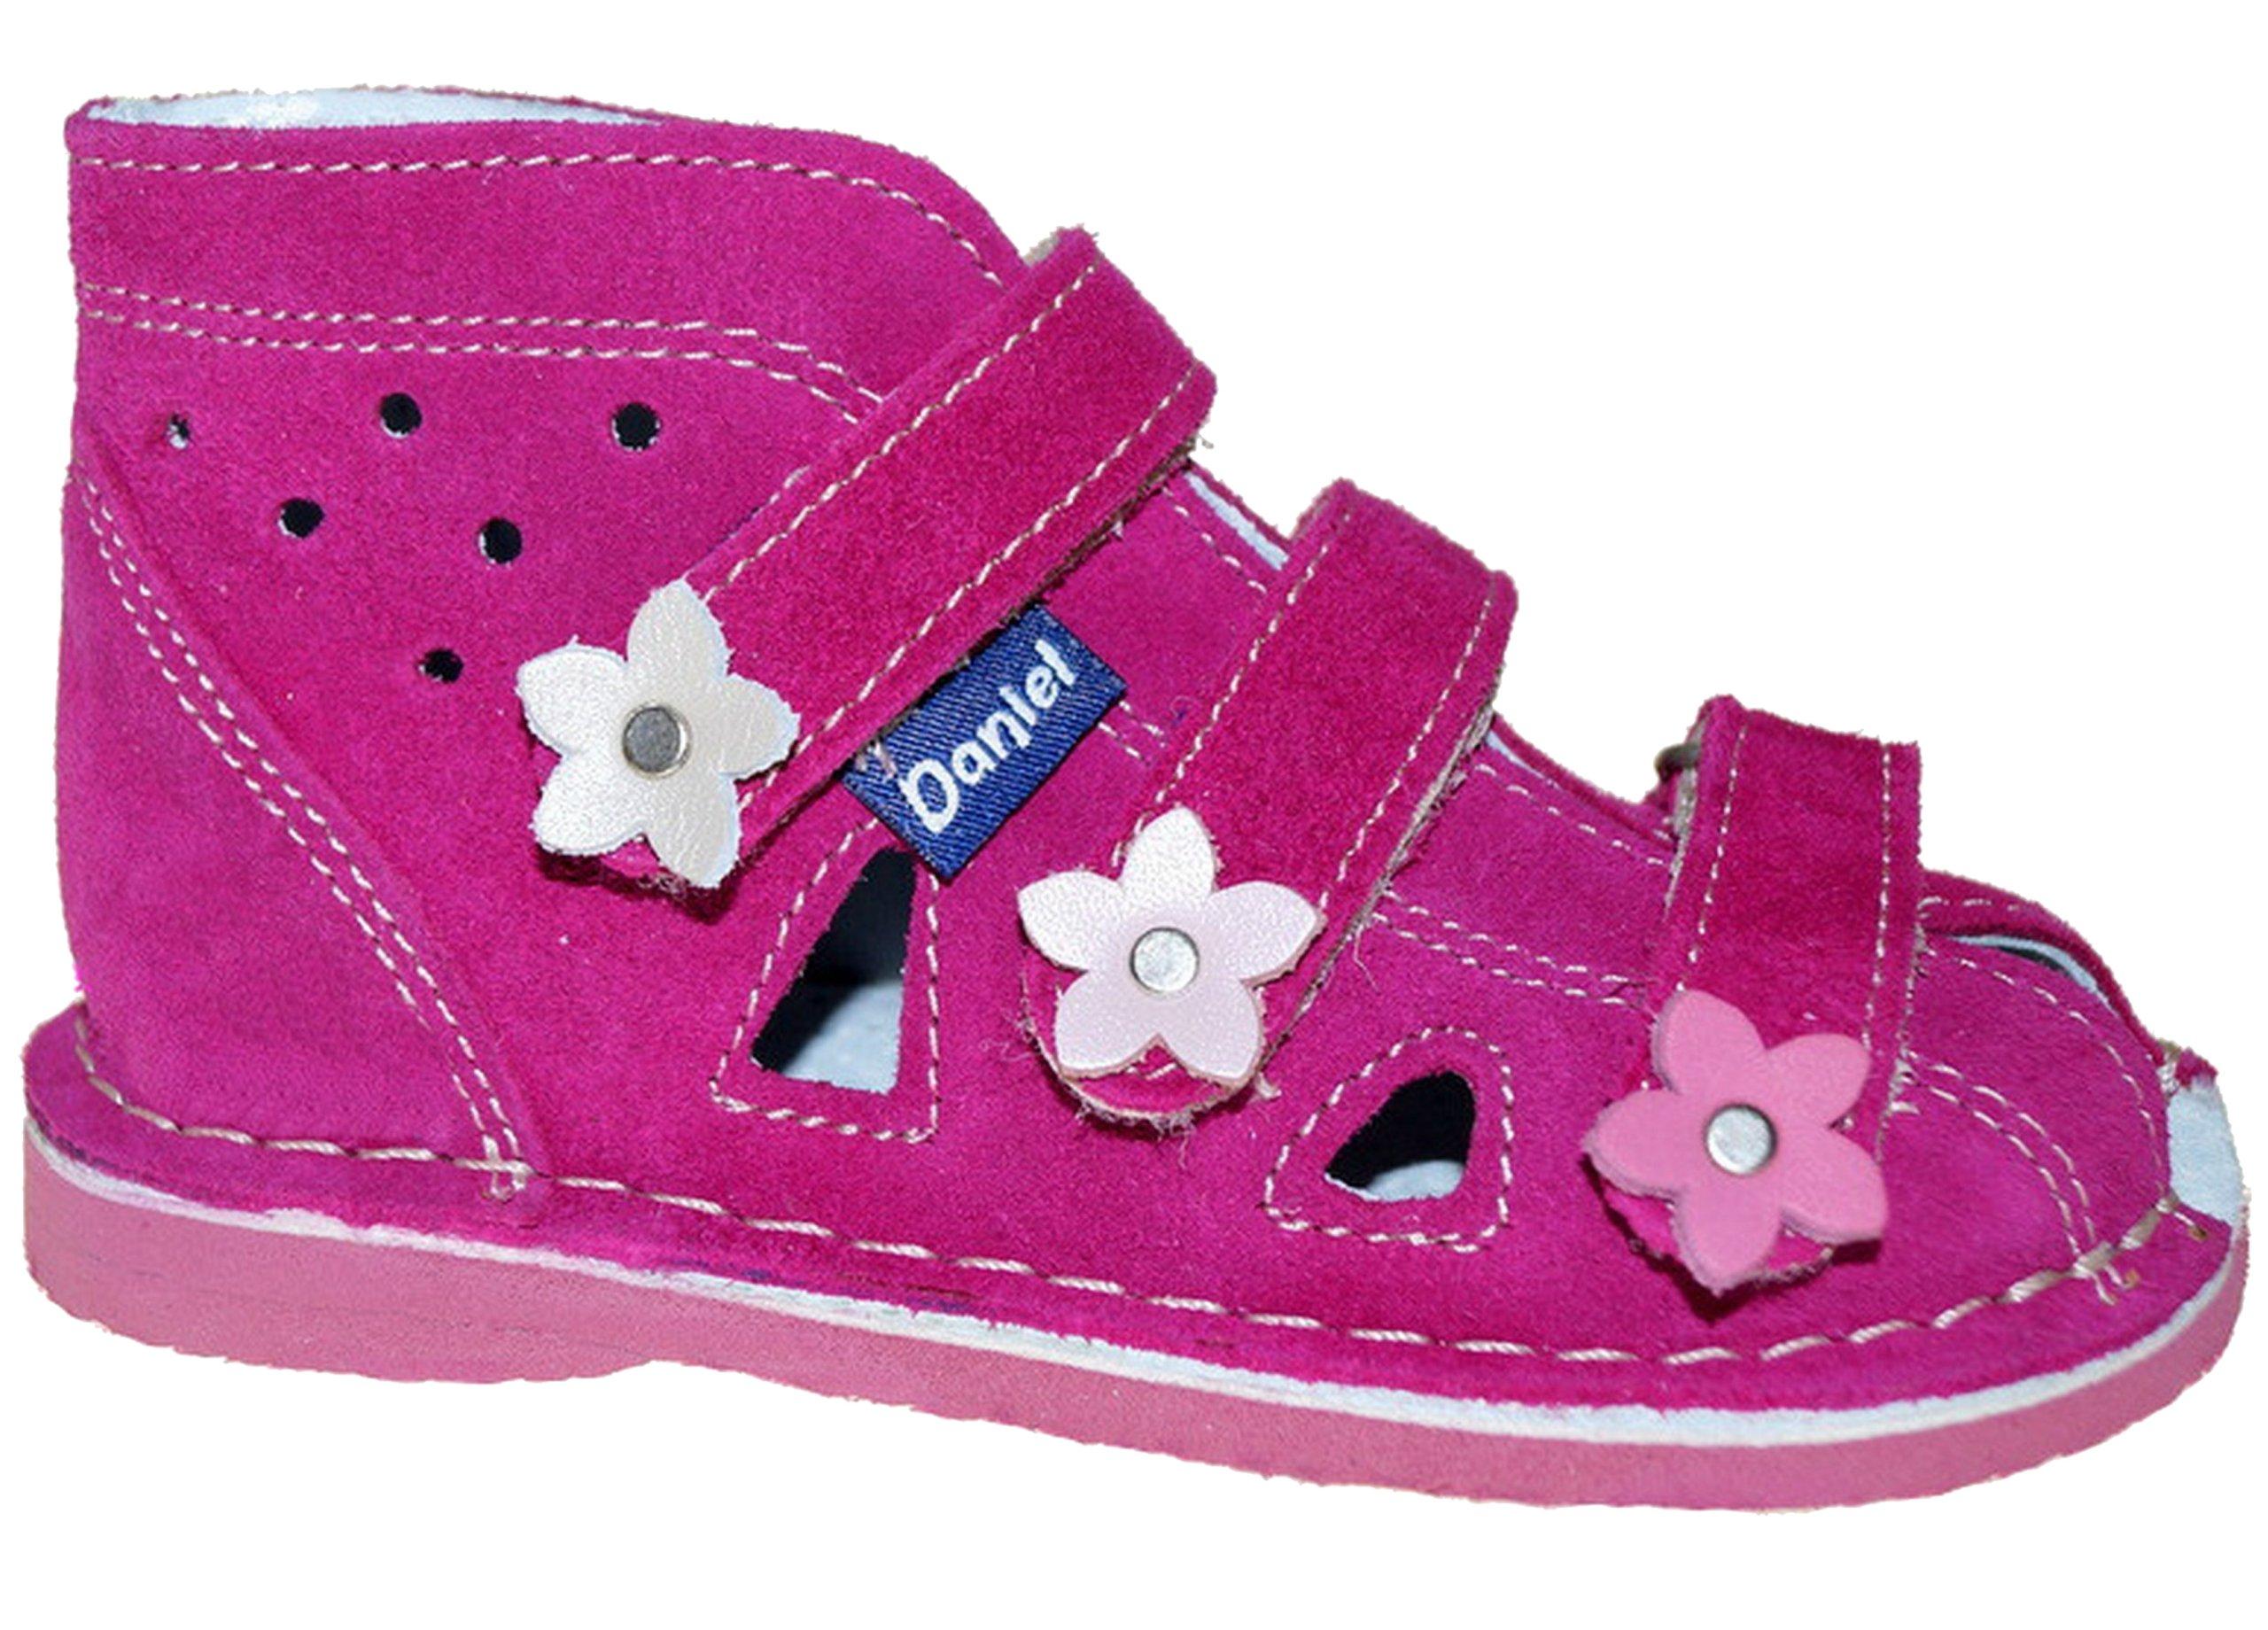 339708a2c Детская обувь: купить обувь для детей из Европы в Украине недорого ...